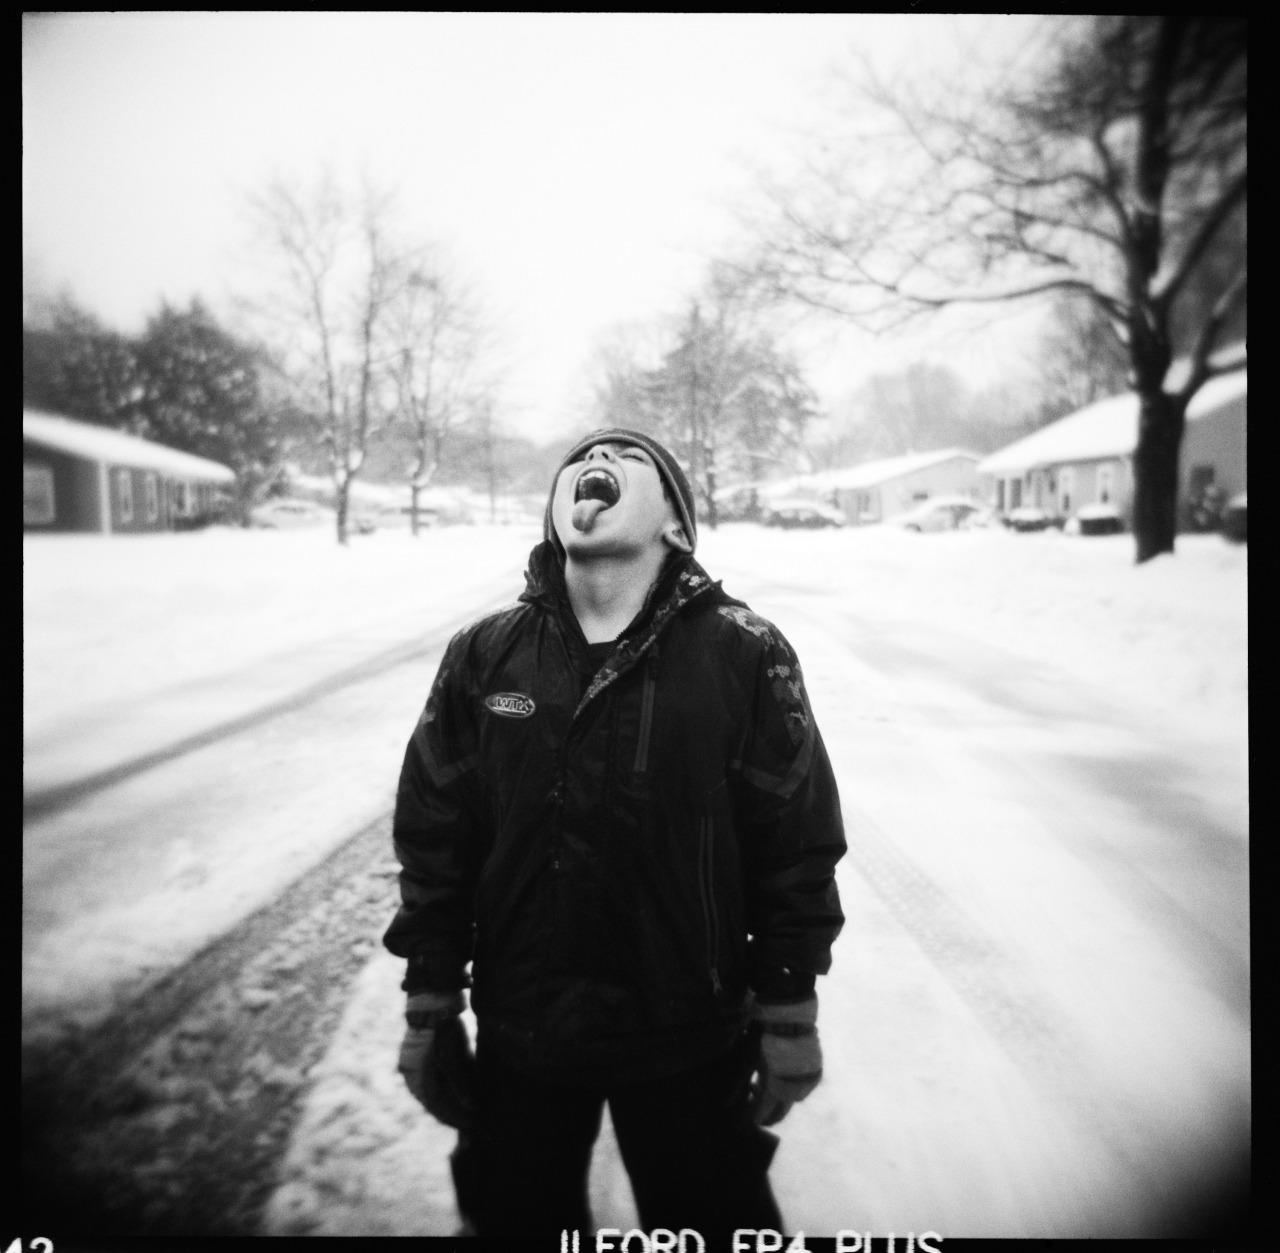 Owen Catching Snowflakes,  Holga, Ilford FP4.      Nicholas Schietromo